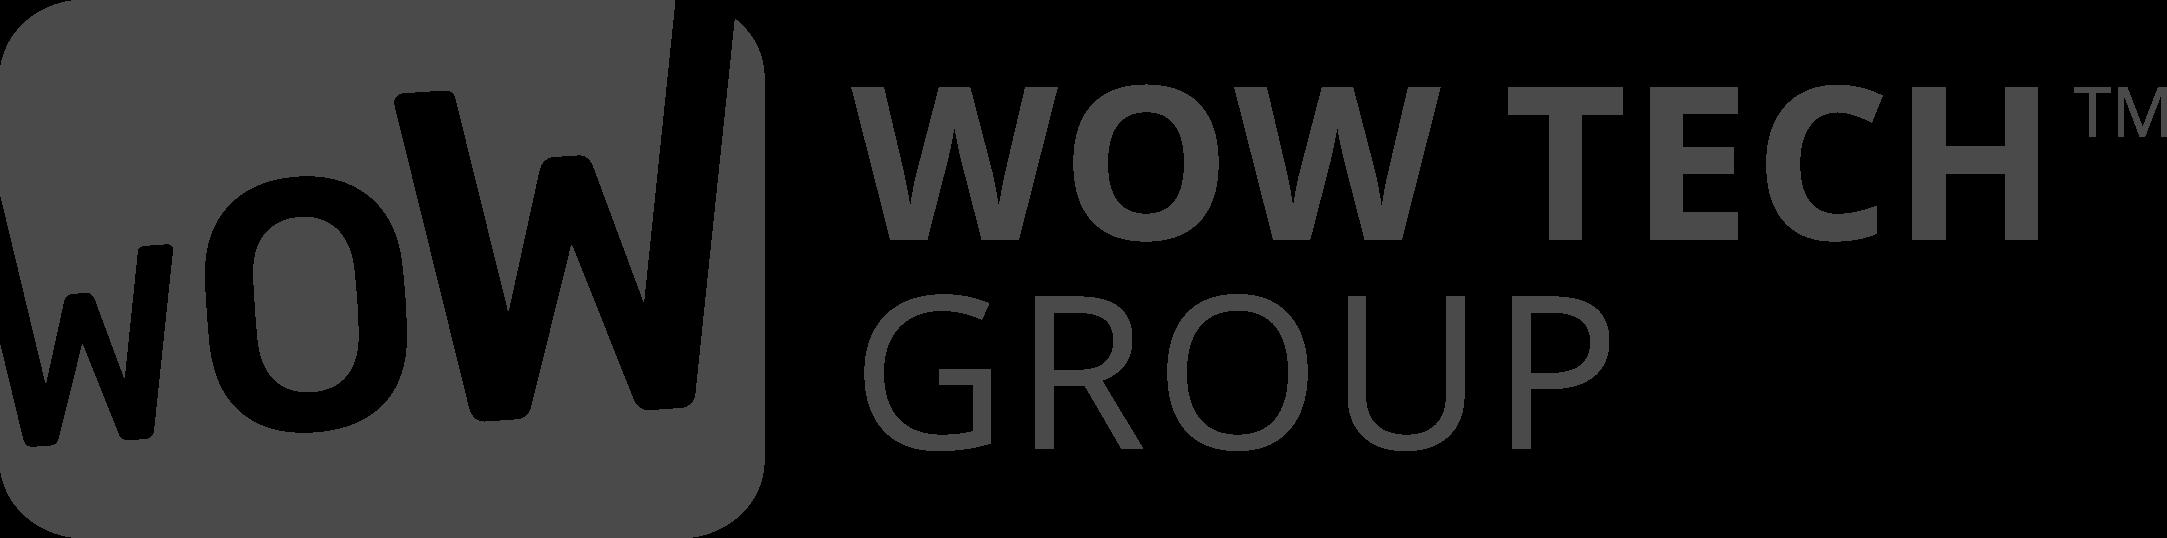 WOW Tech Group logo